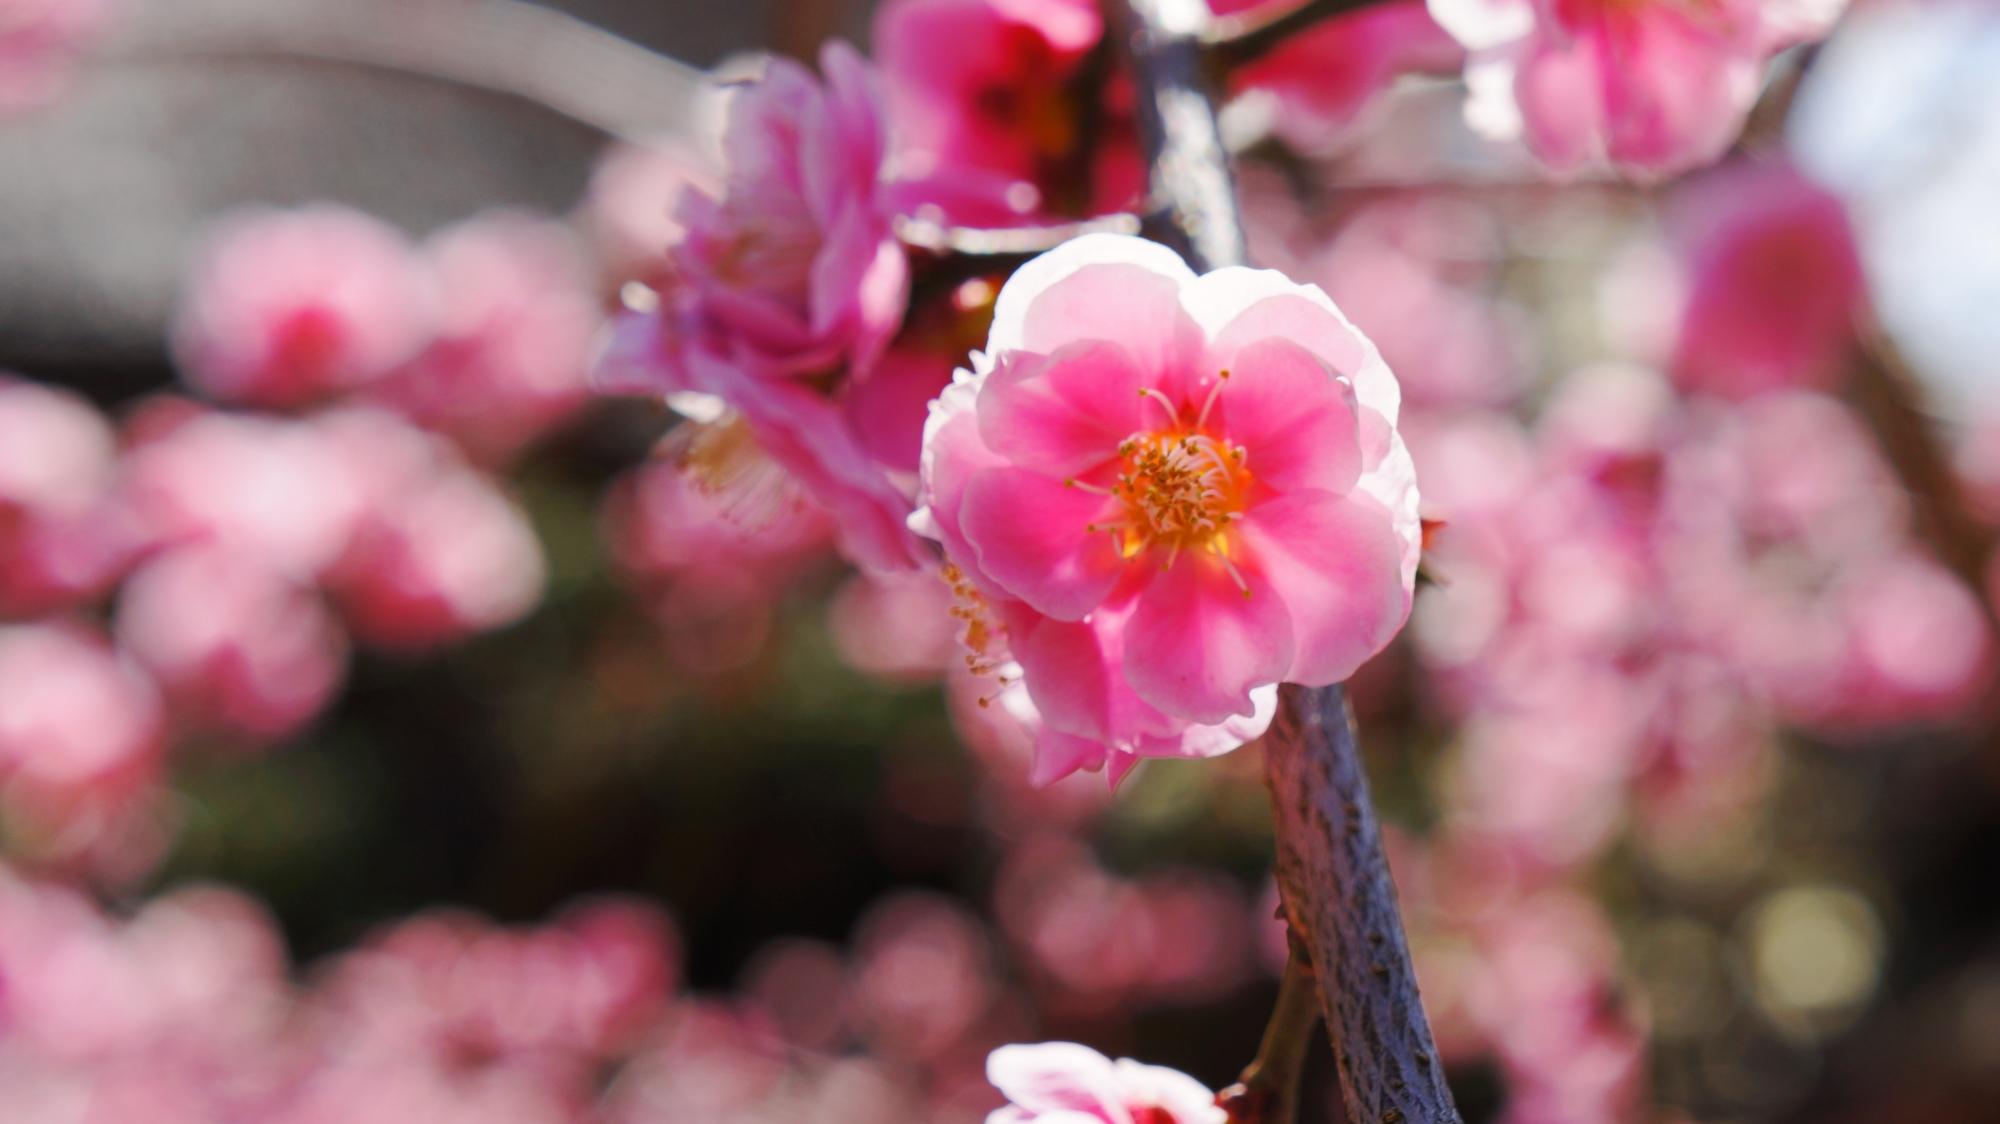 見事に咲き誇る満開の梅の花